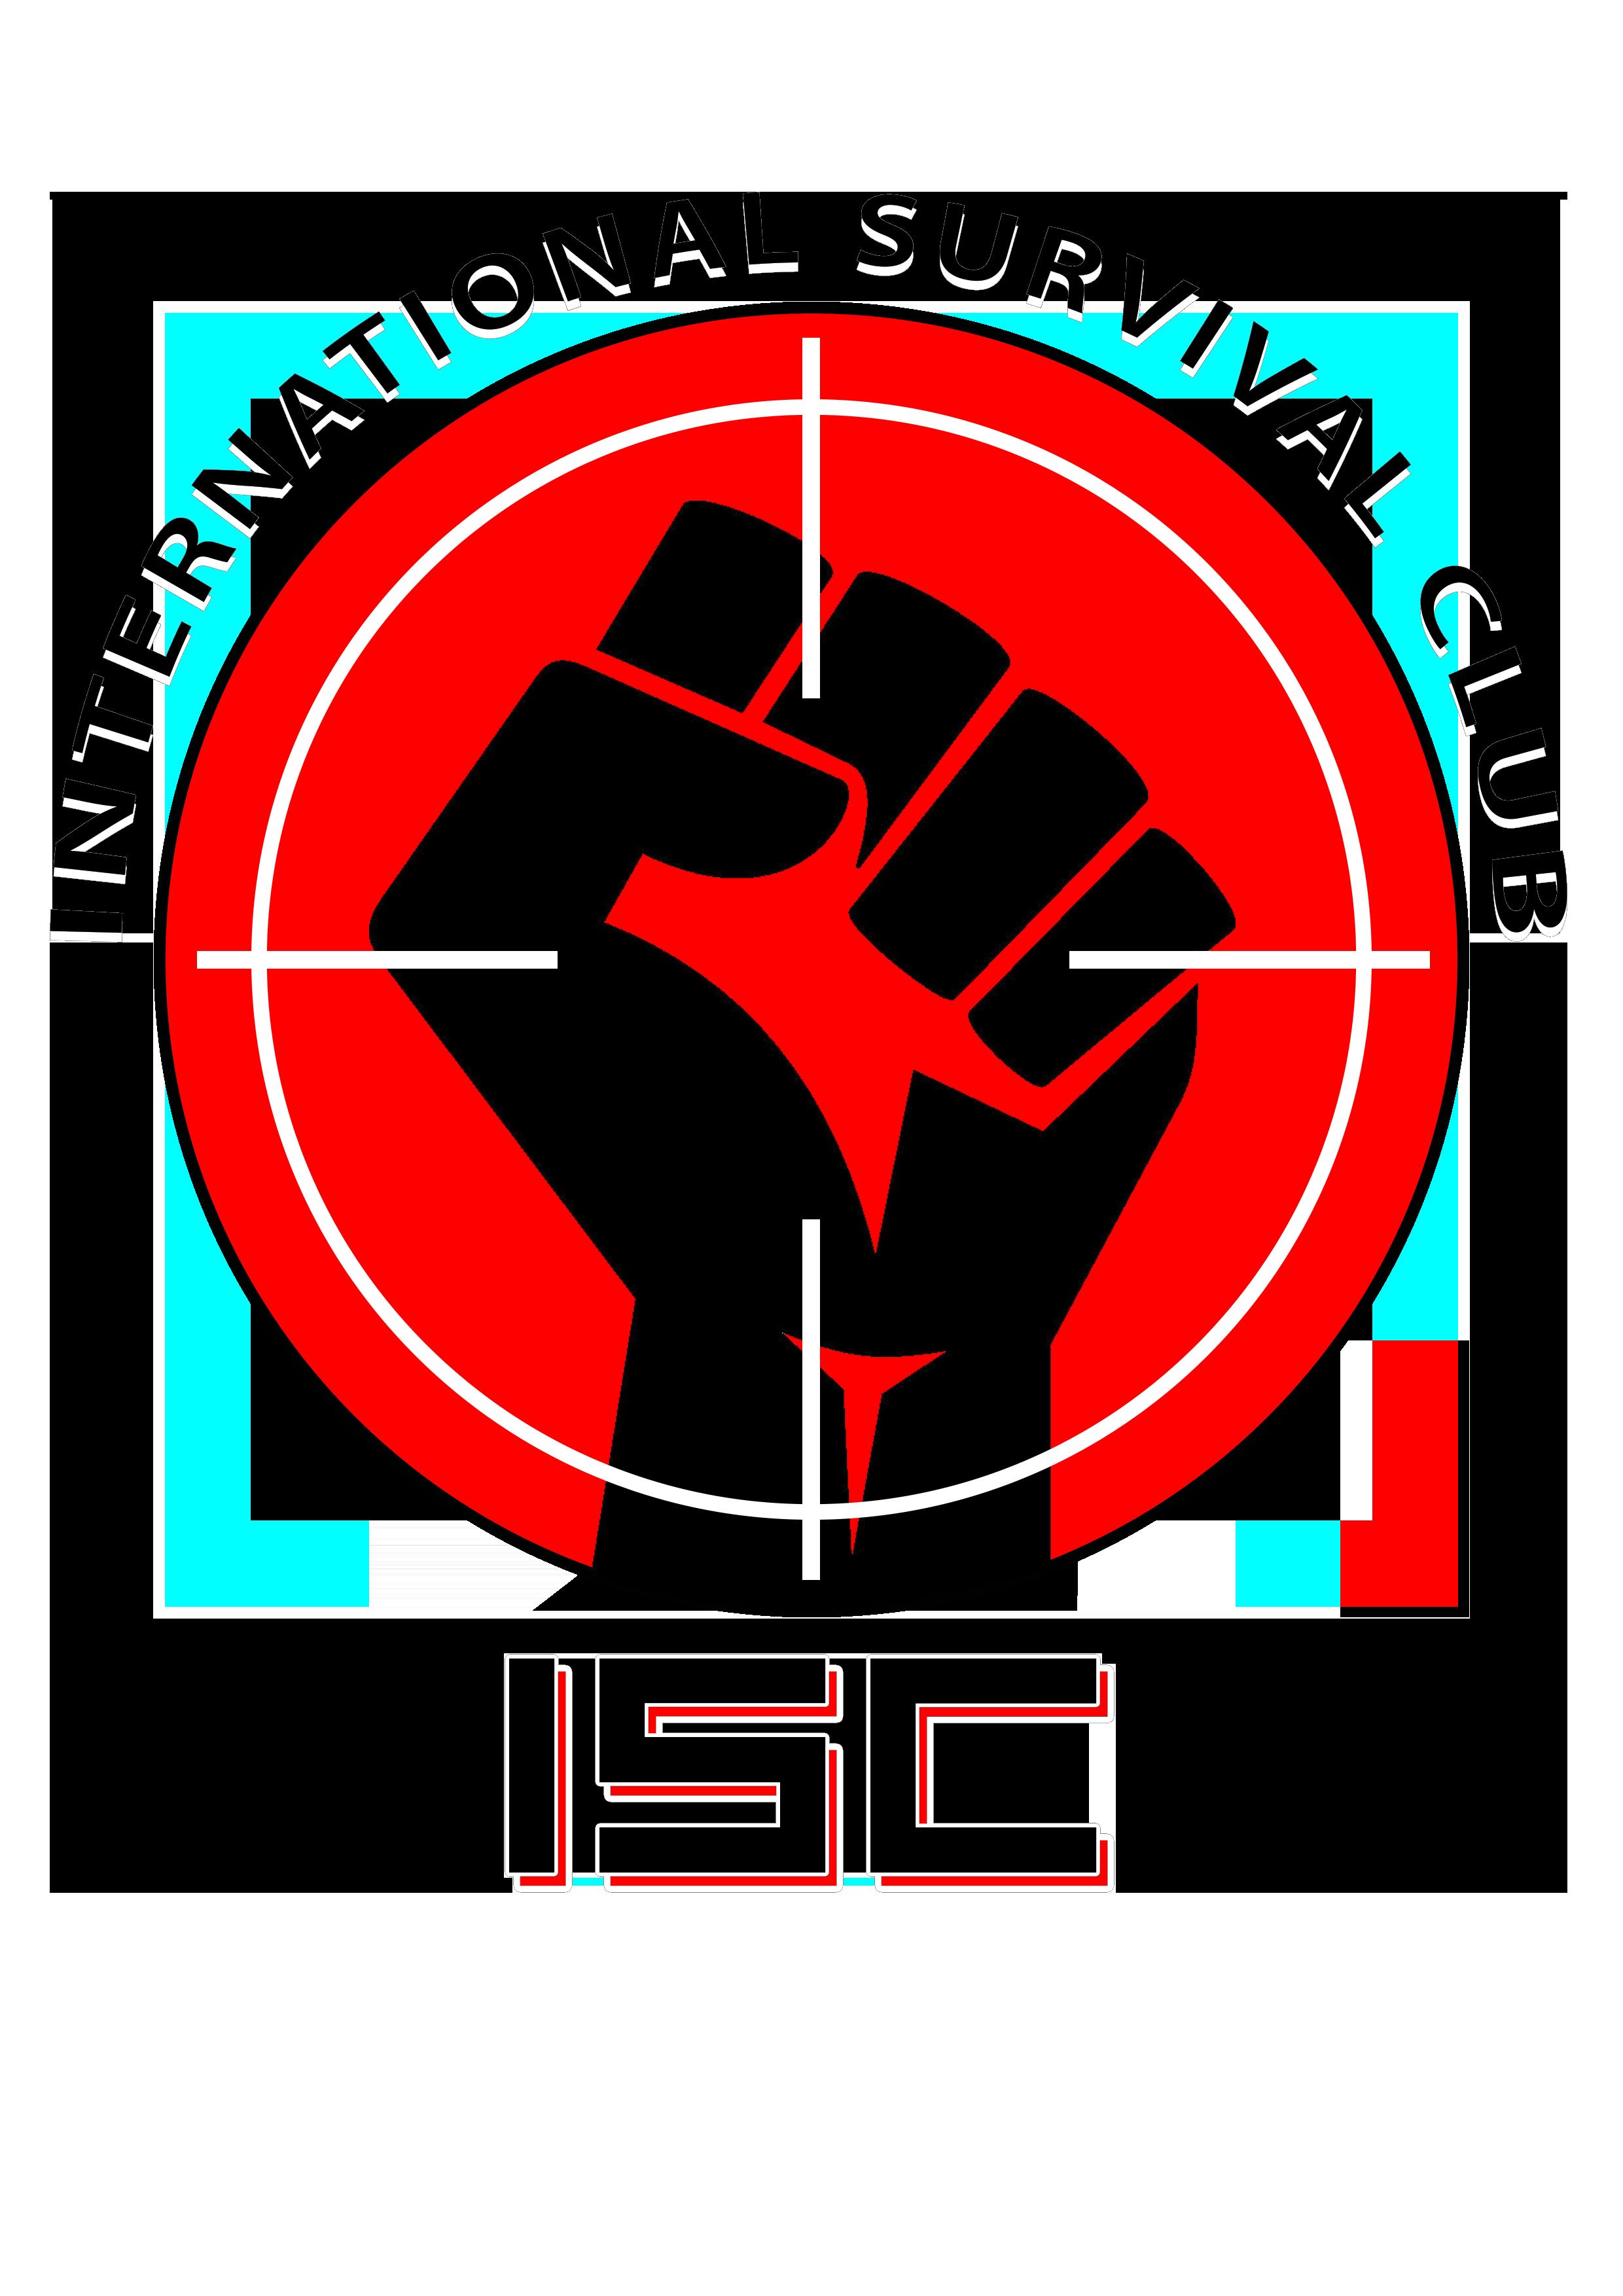 isc-logo-var4.png